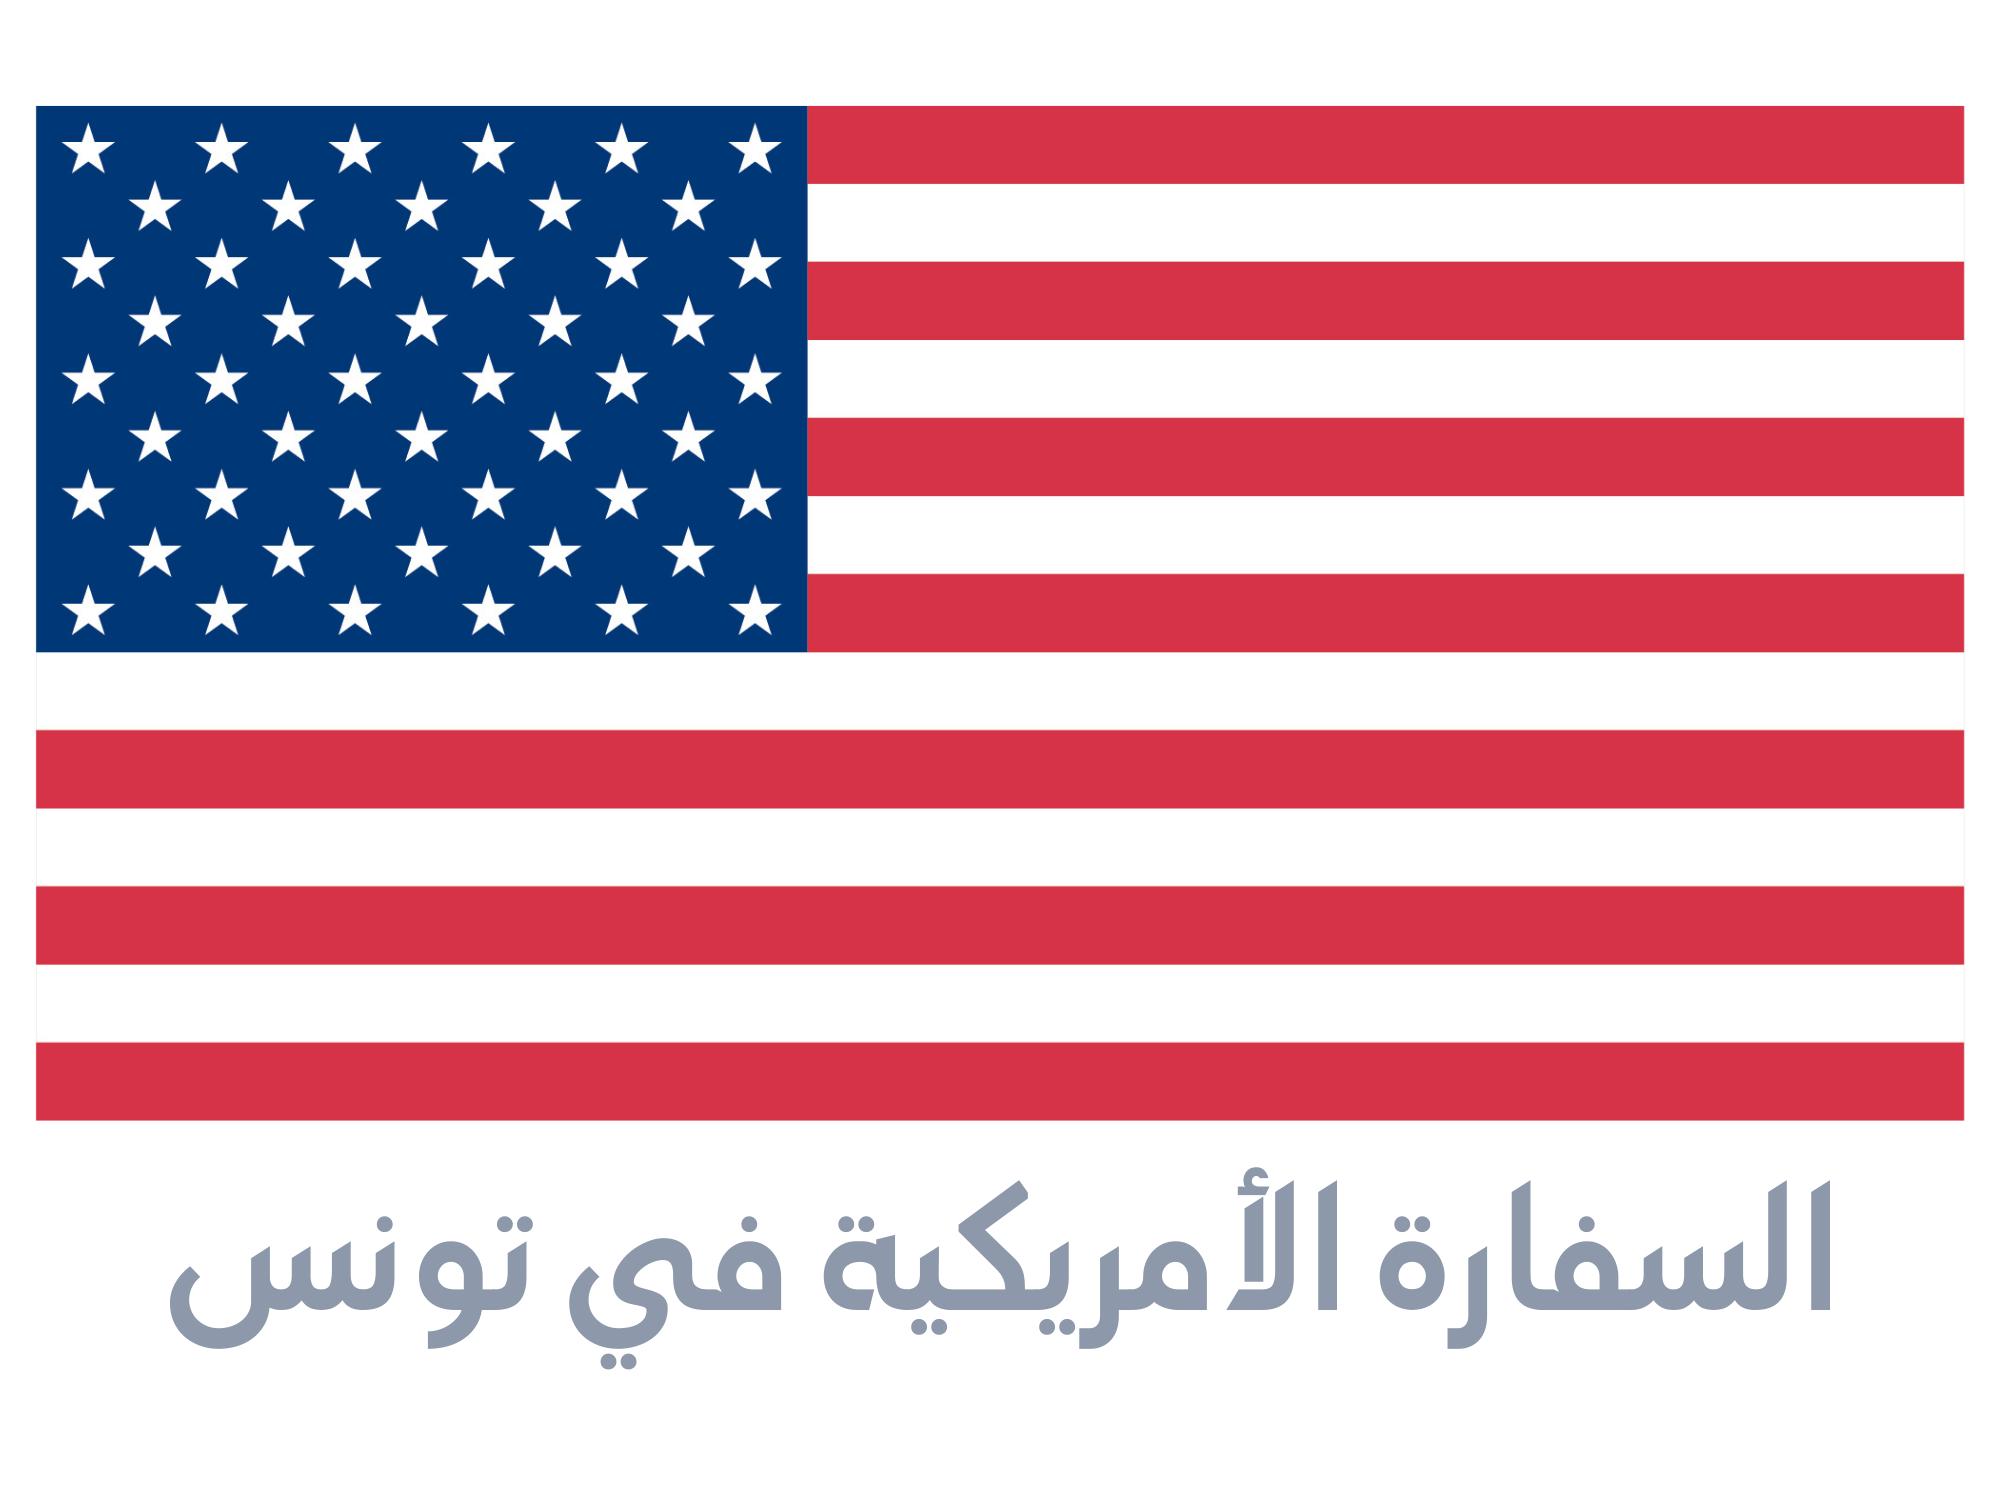 السفارة الأمريكية تنظّم Open Day برشا فرص يتمتعوا بيها الطلبة و المعنيين أكثر تفاصيل مع السيد مهدي درغوث